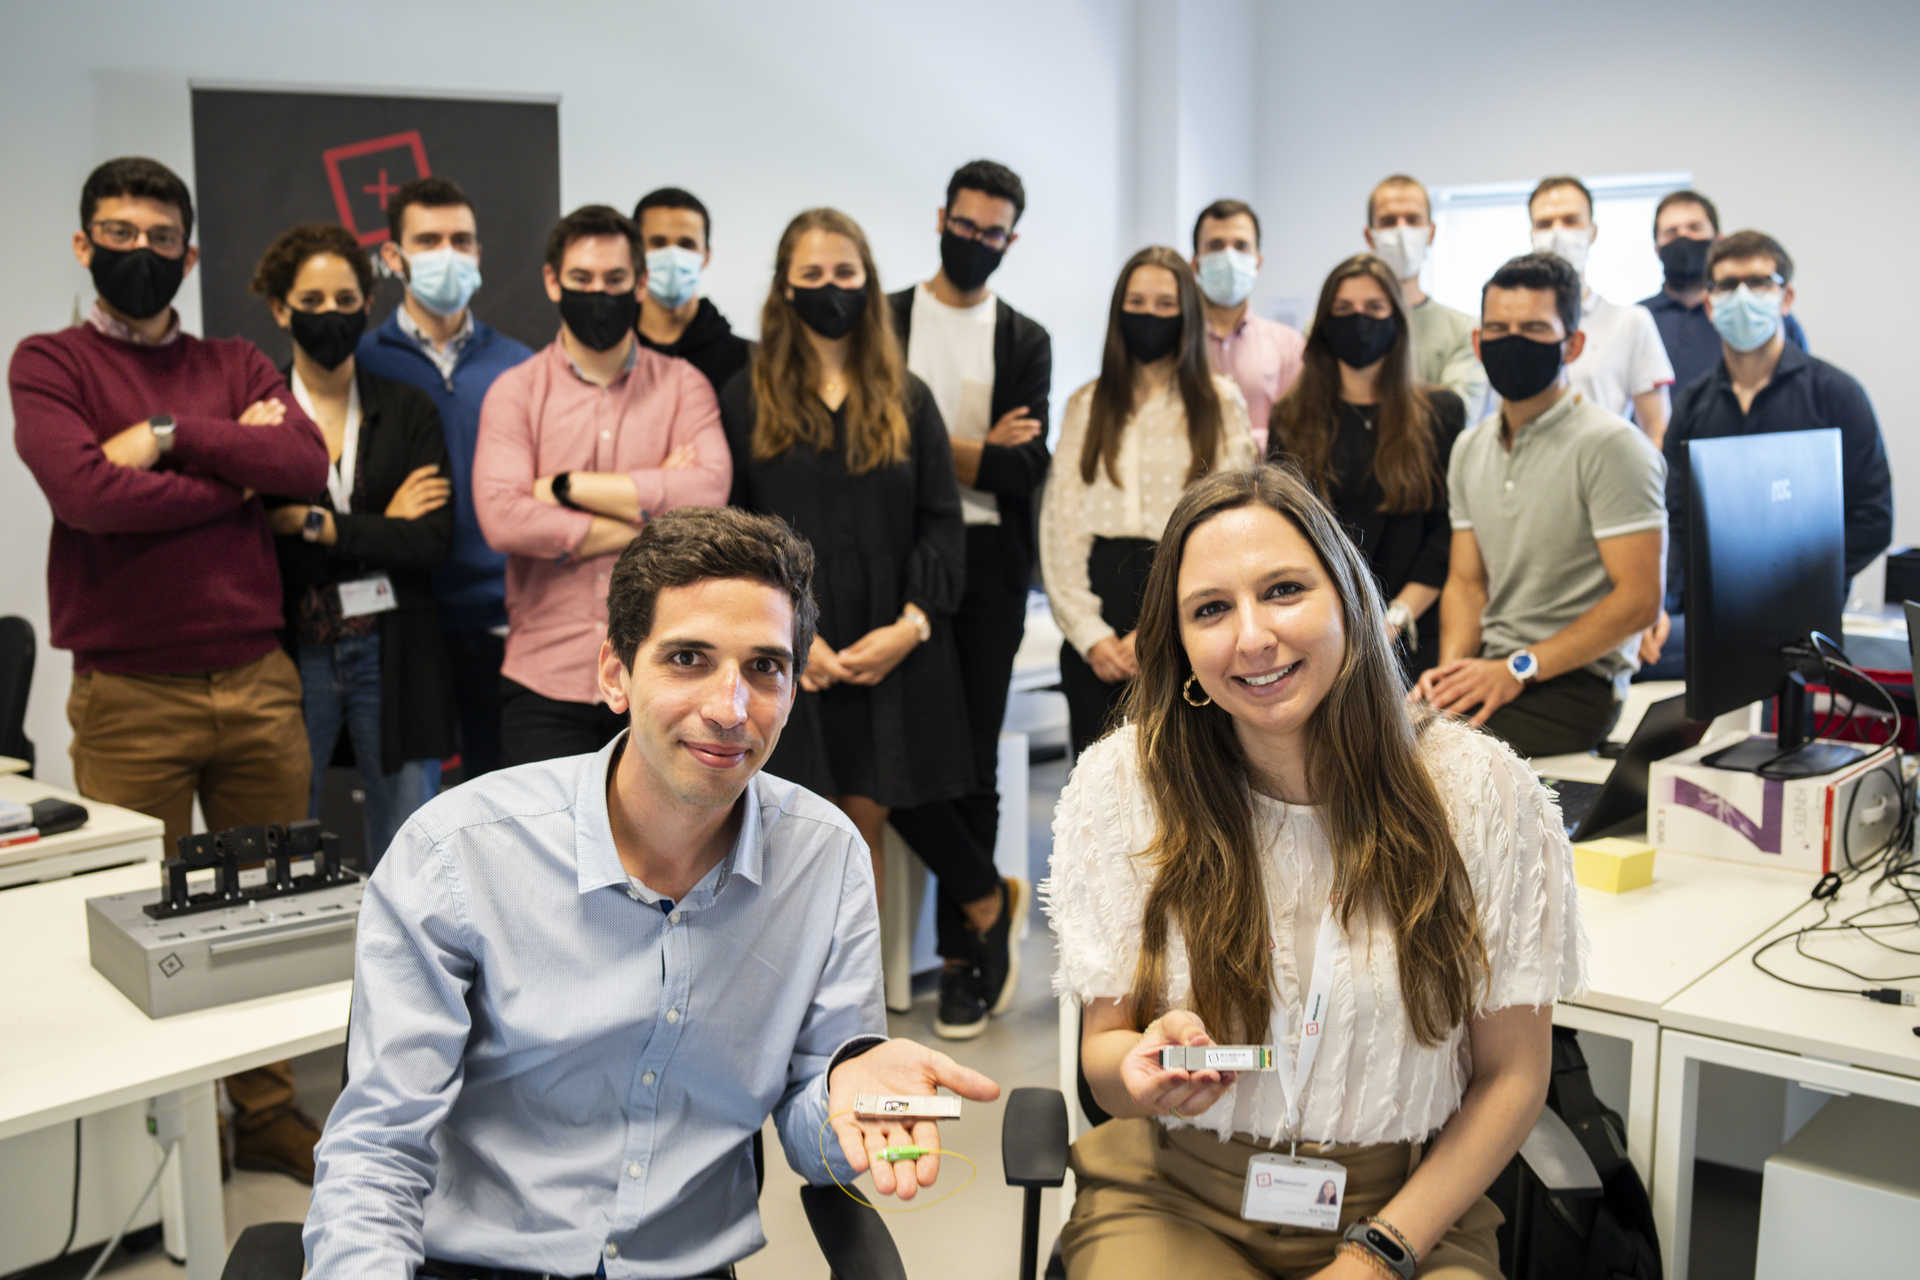 Francisco Rodriguez e Anna Tavares con il team che lavora al dispositivo